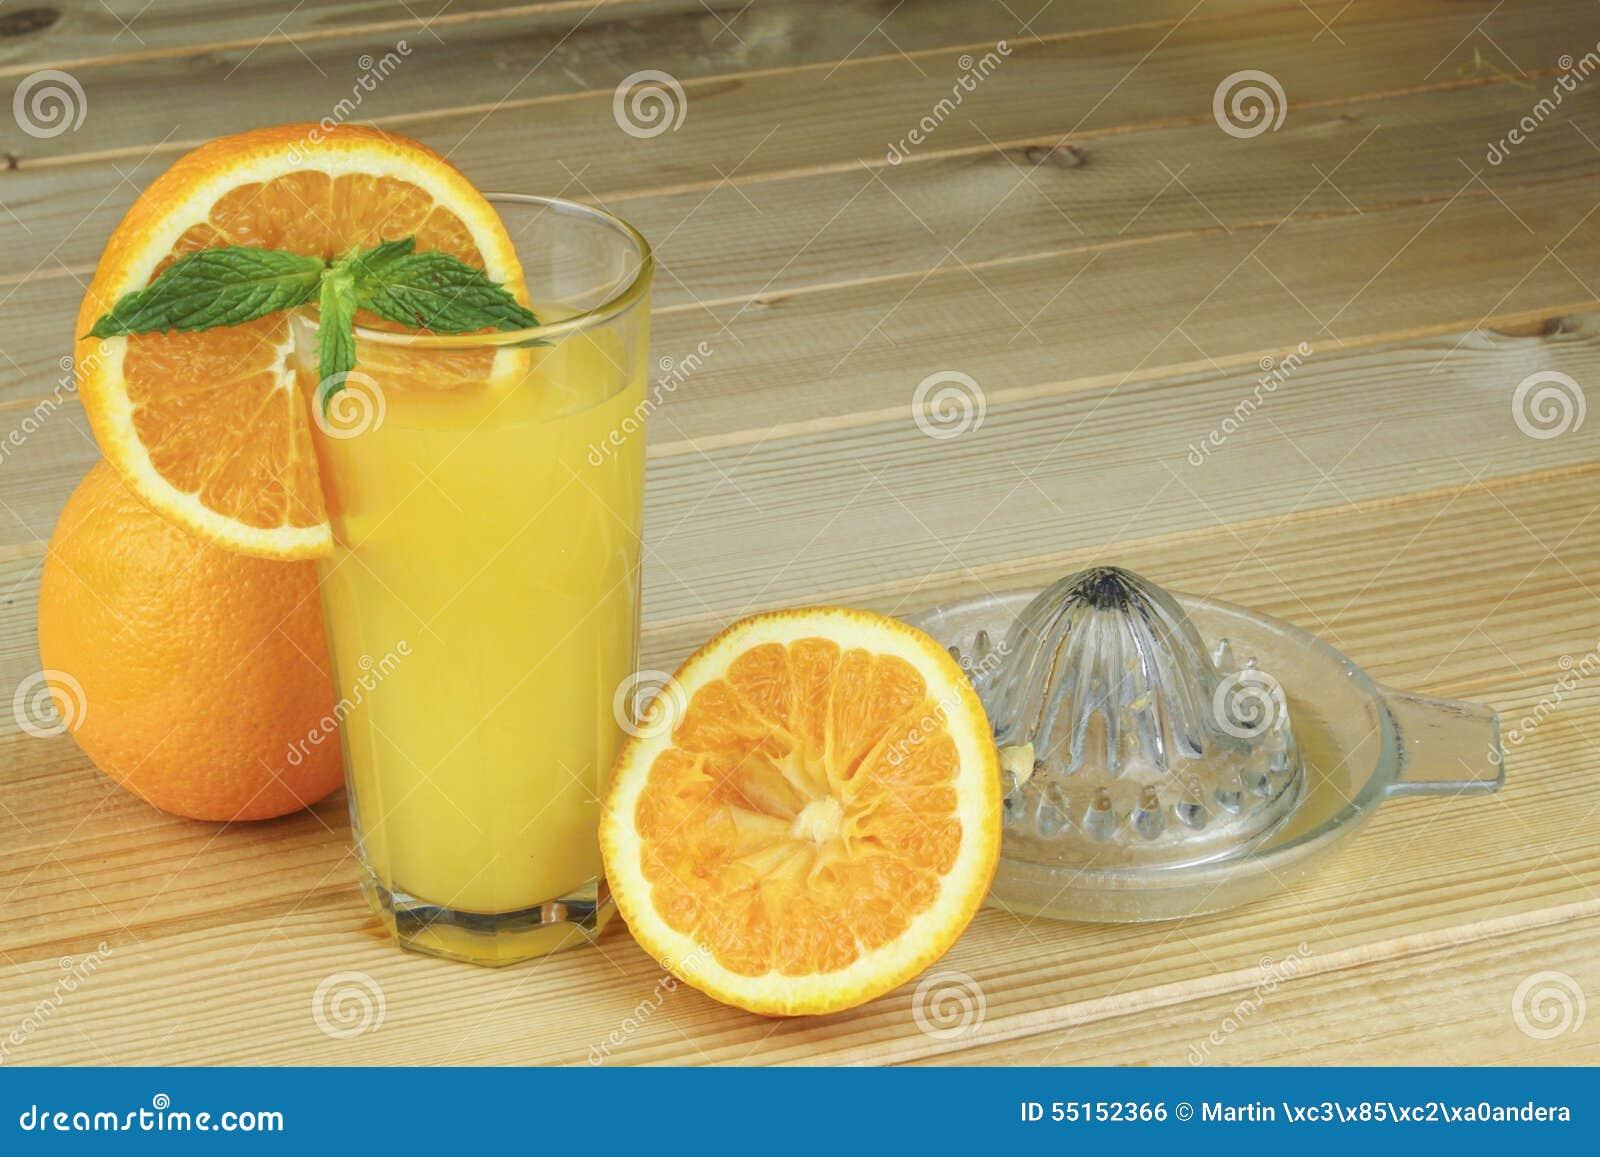 Une main serrant le jus d une orange sur un presse-fruits en verre manuel Placez sur une table planked en bois